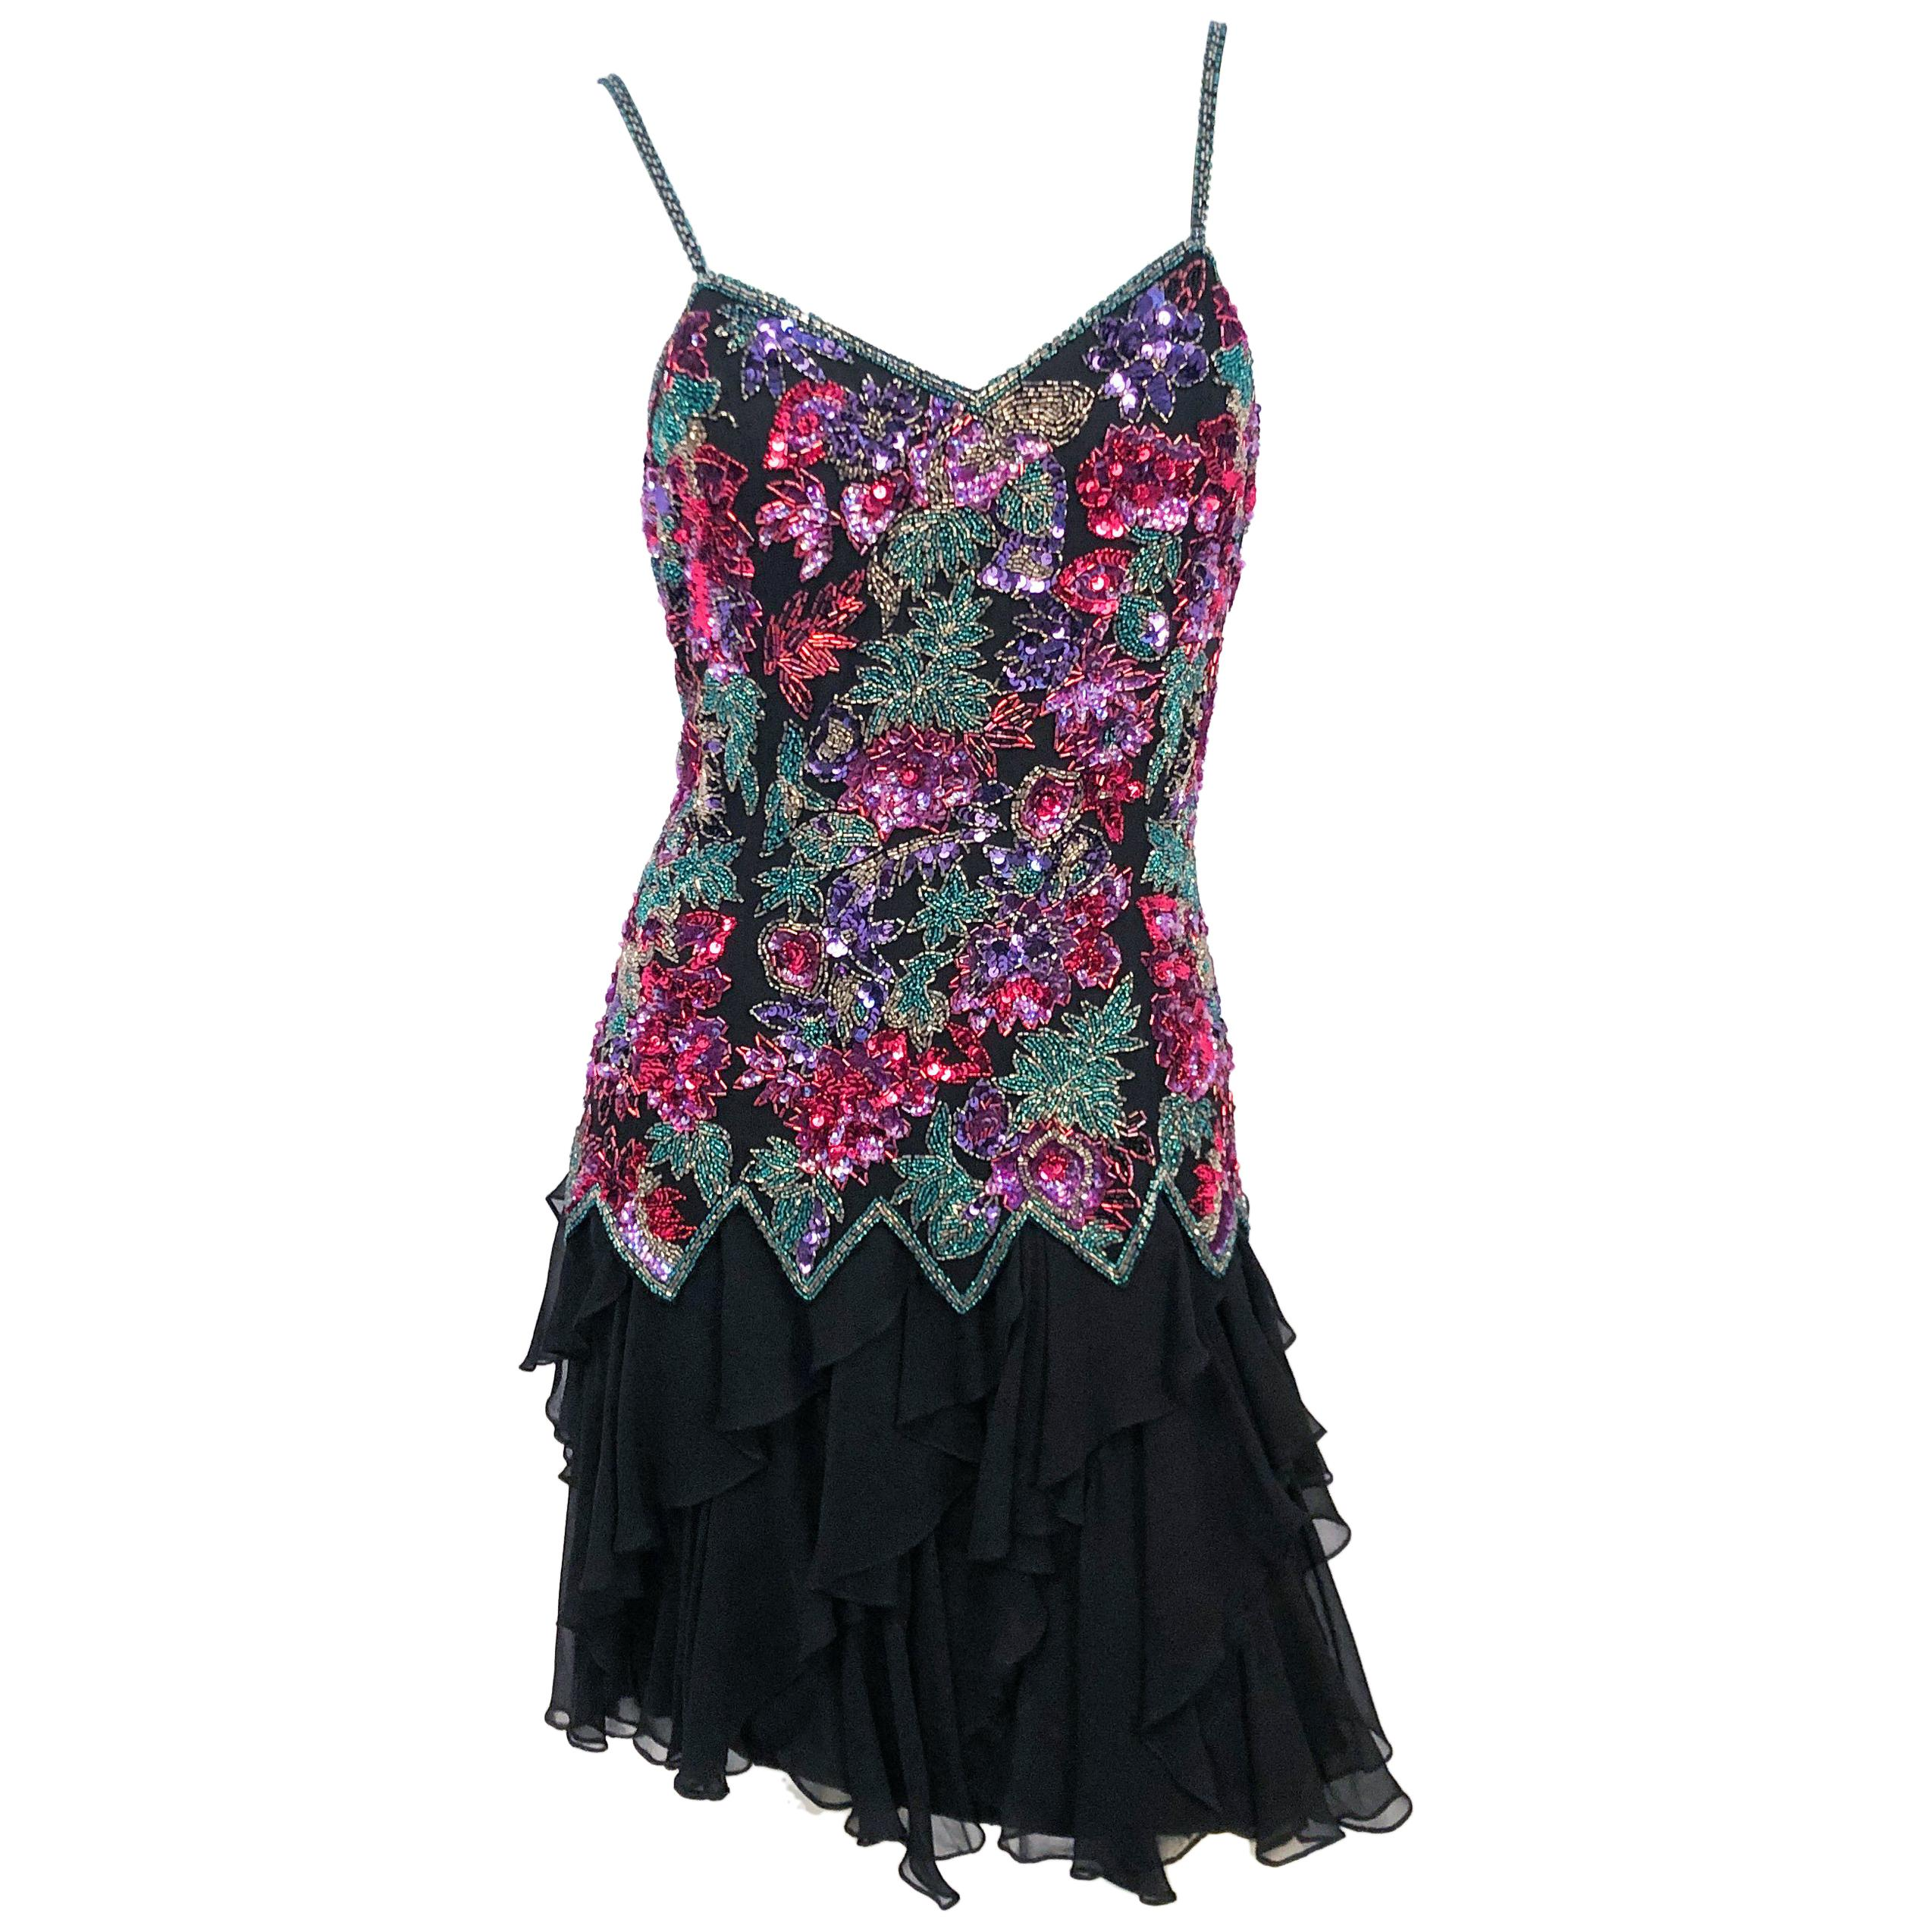 3b0d35d74877c Vintage Lillie Rubin Clothing - 60 For Sale at 1stdibs